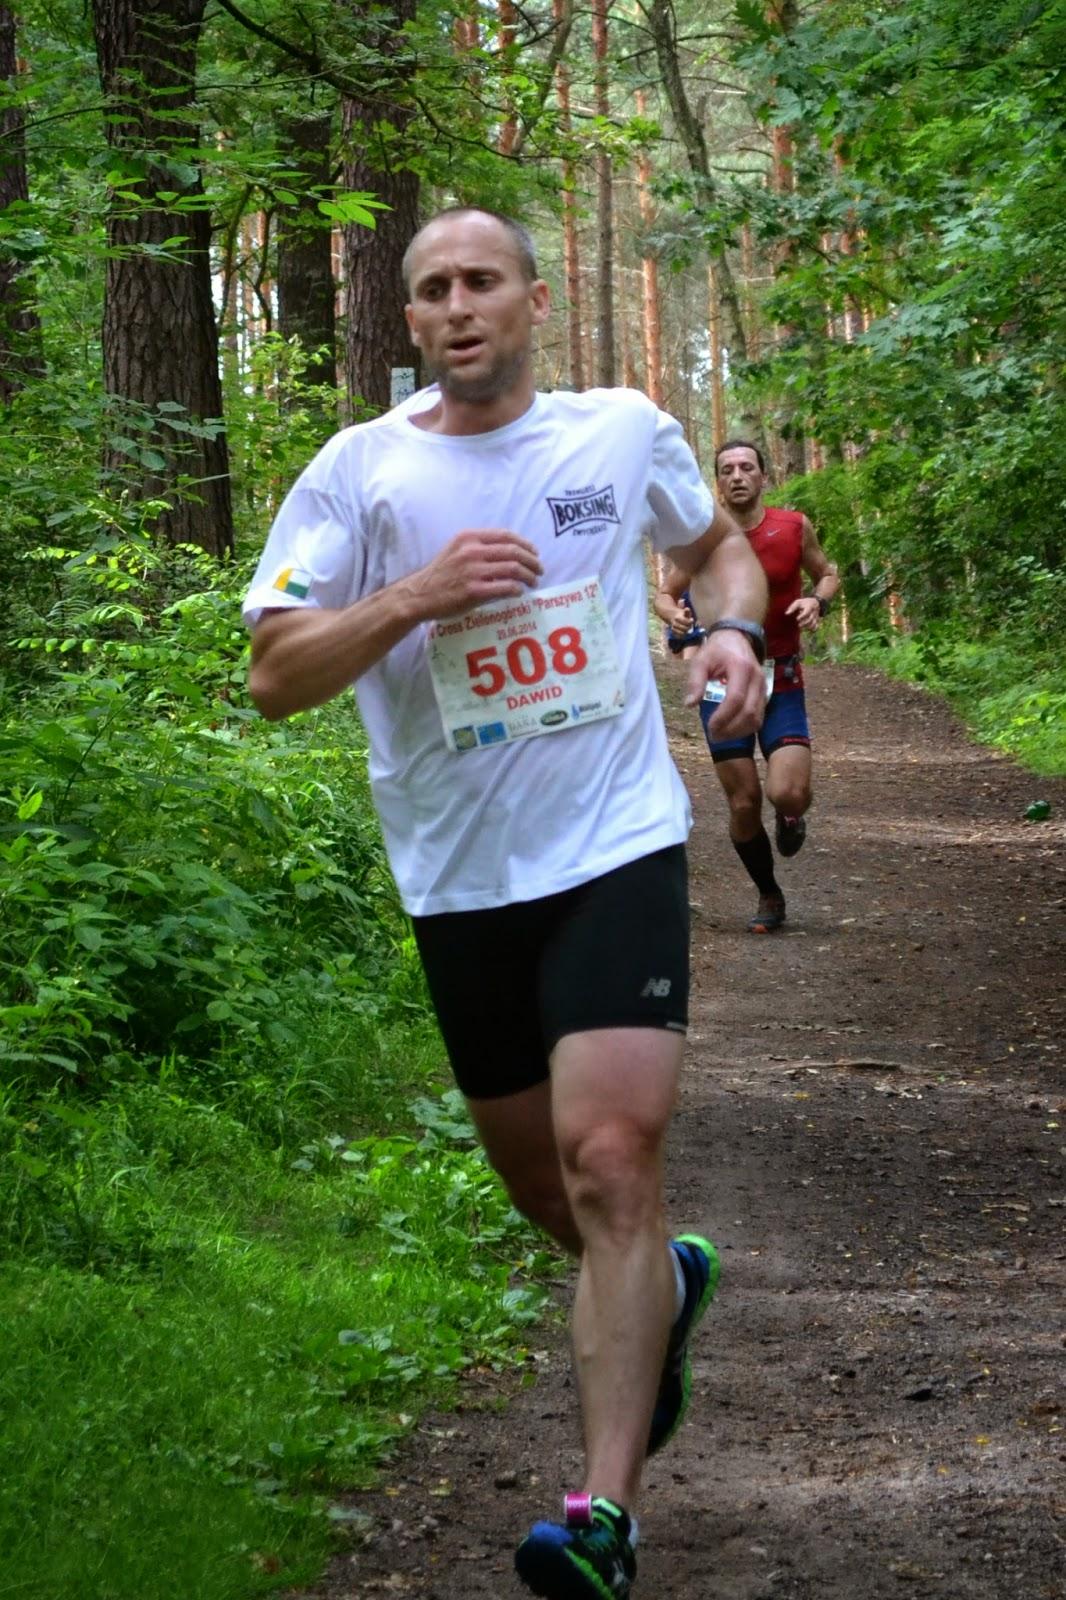 IV cross, biegi, Parszywa Dwunastka, sport, trening, bieganie, biegacze, Zielona Góra, Wzgórza Piastowskie, Bractwo Biegaczy ZG, sporty walki, Połoński